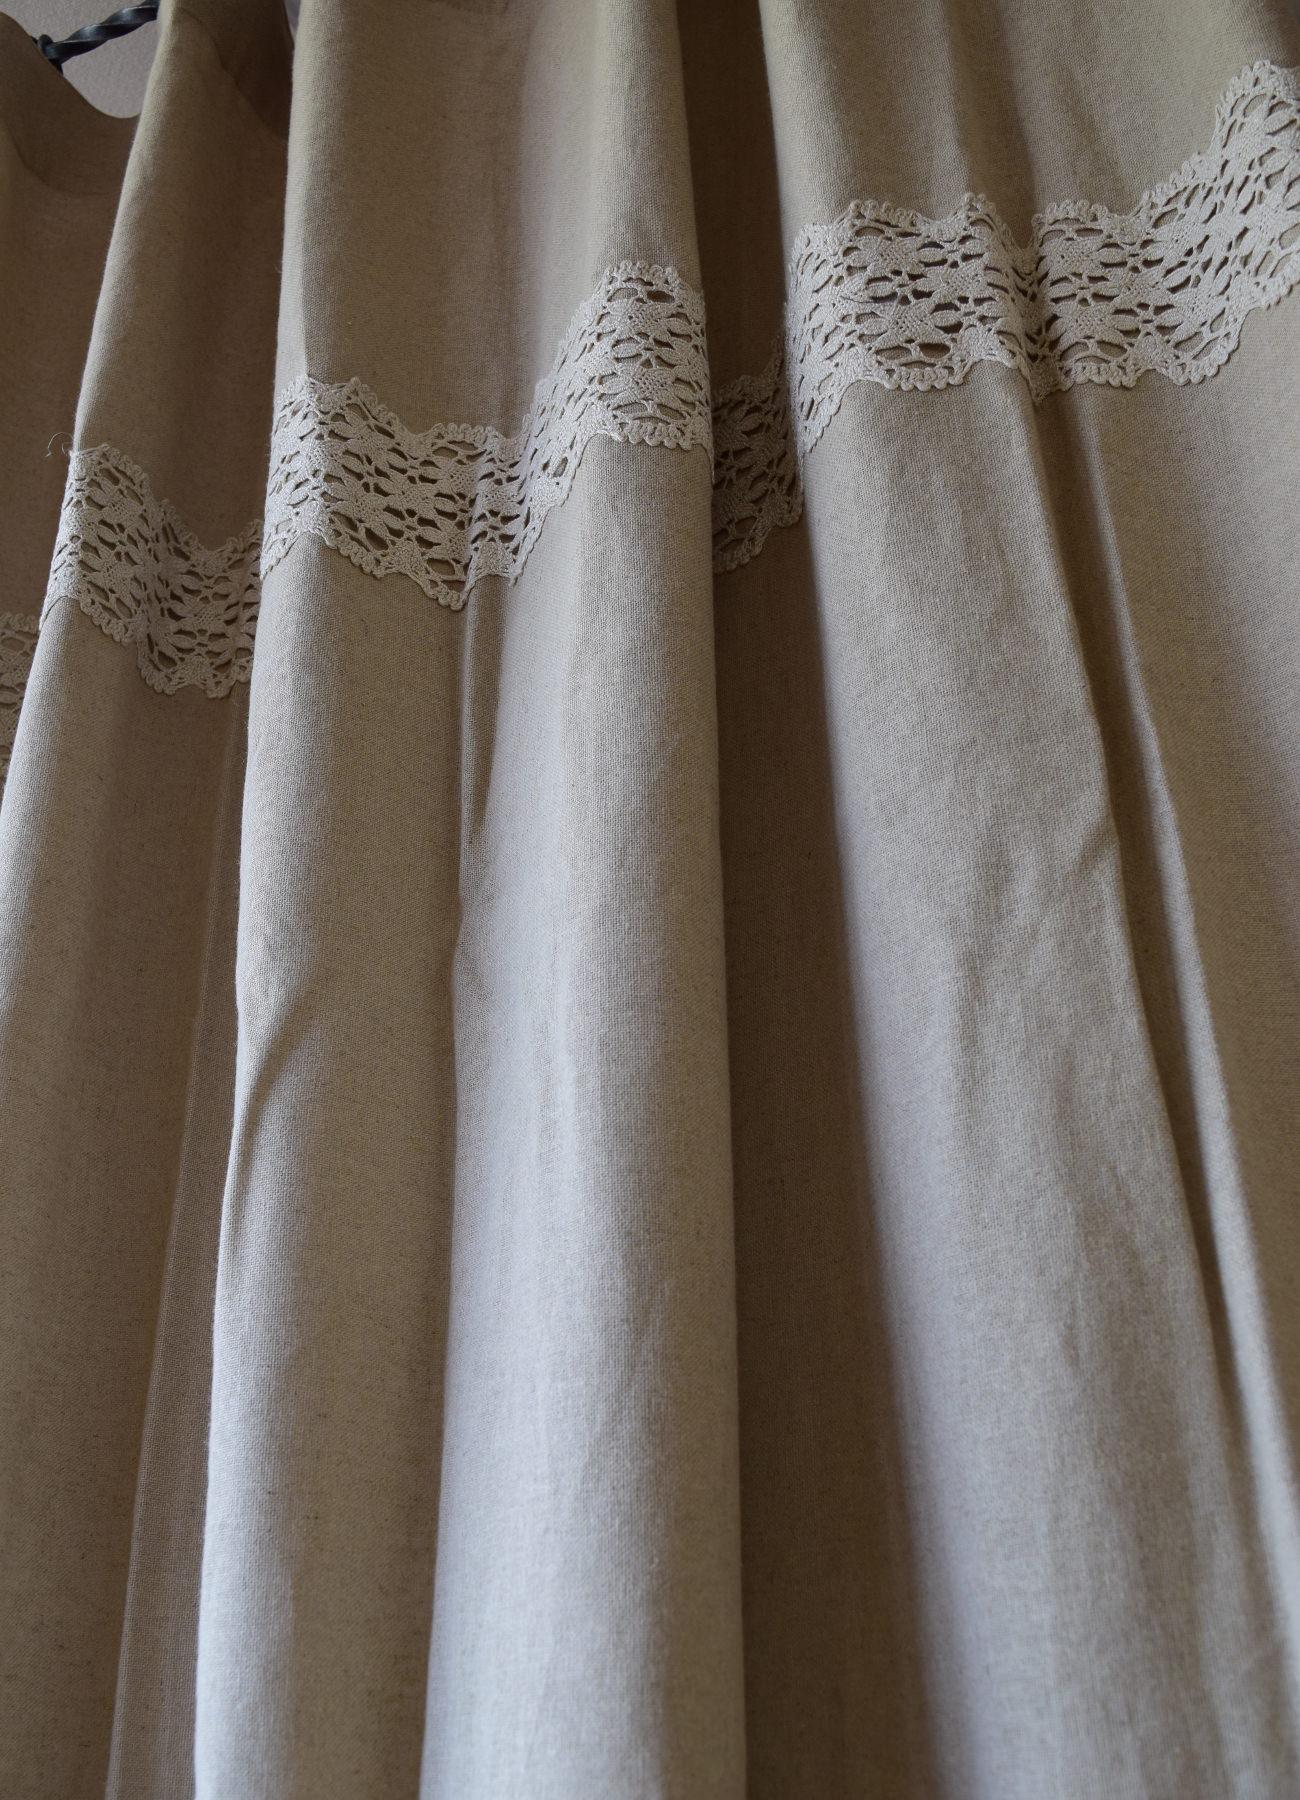 飾りリボン付きカーテン④ リノフレンチグレー